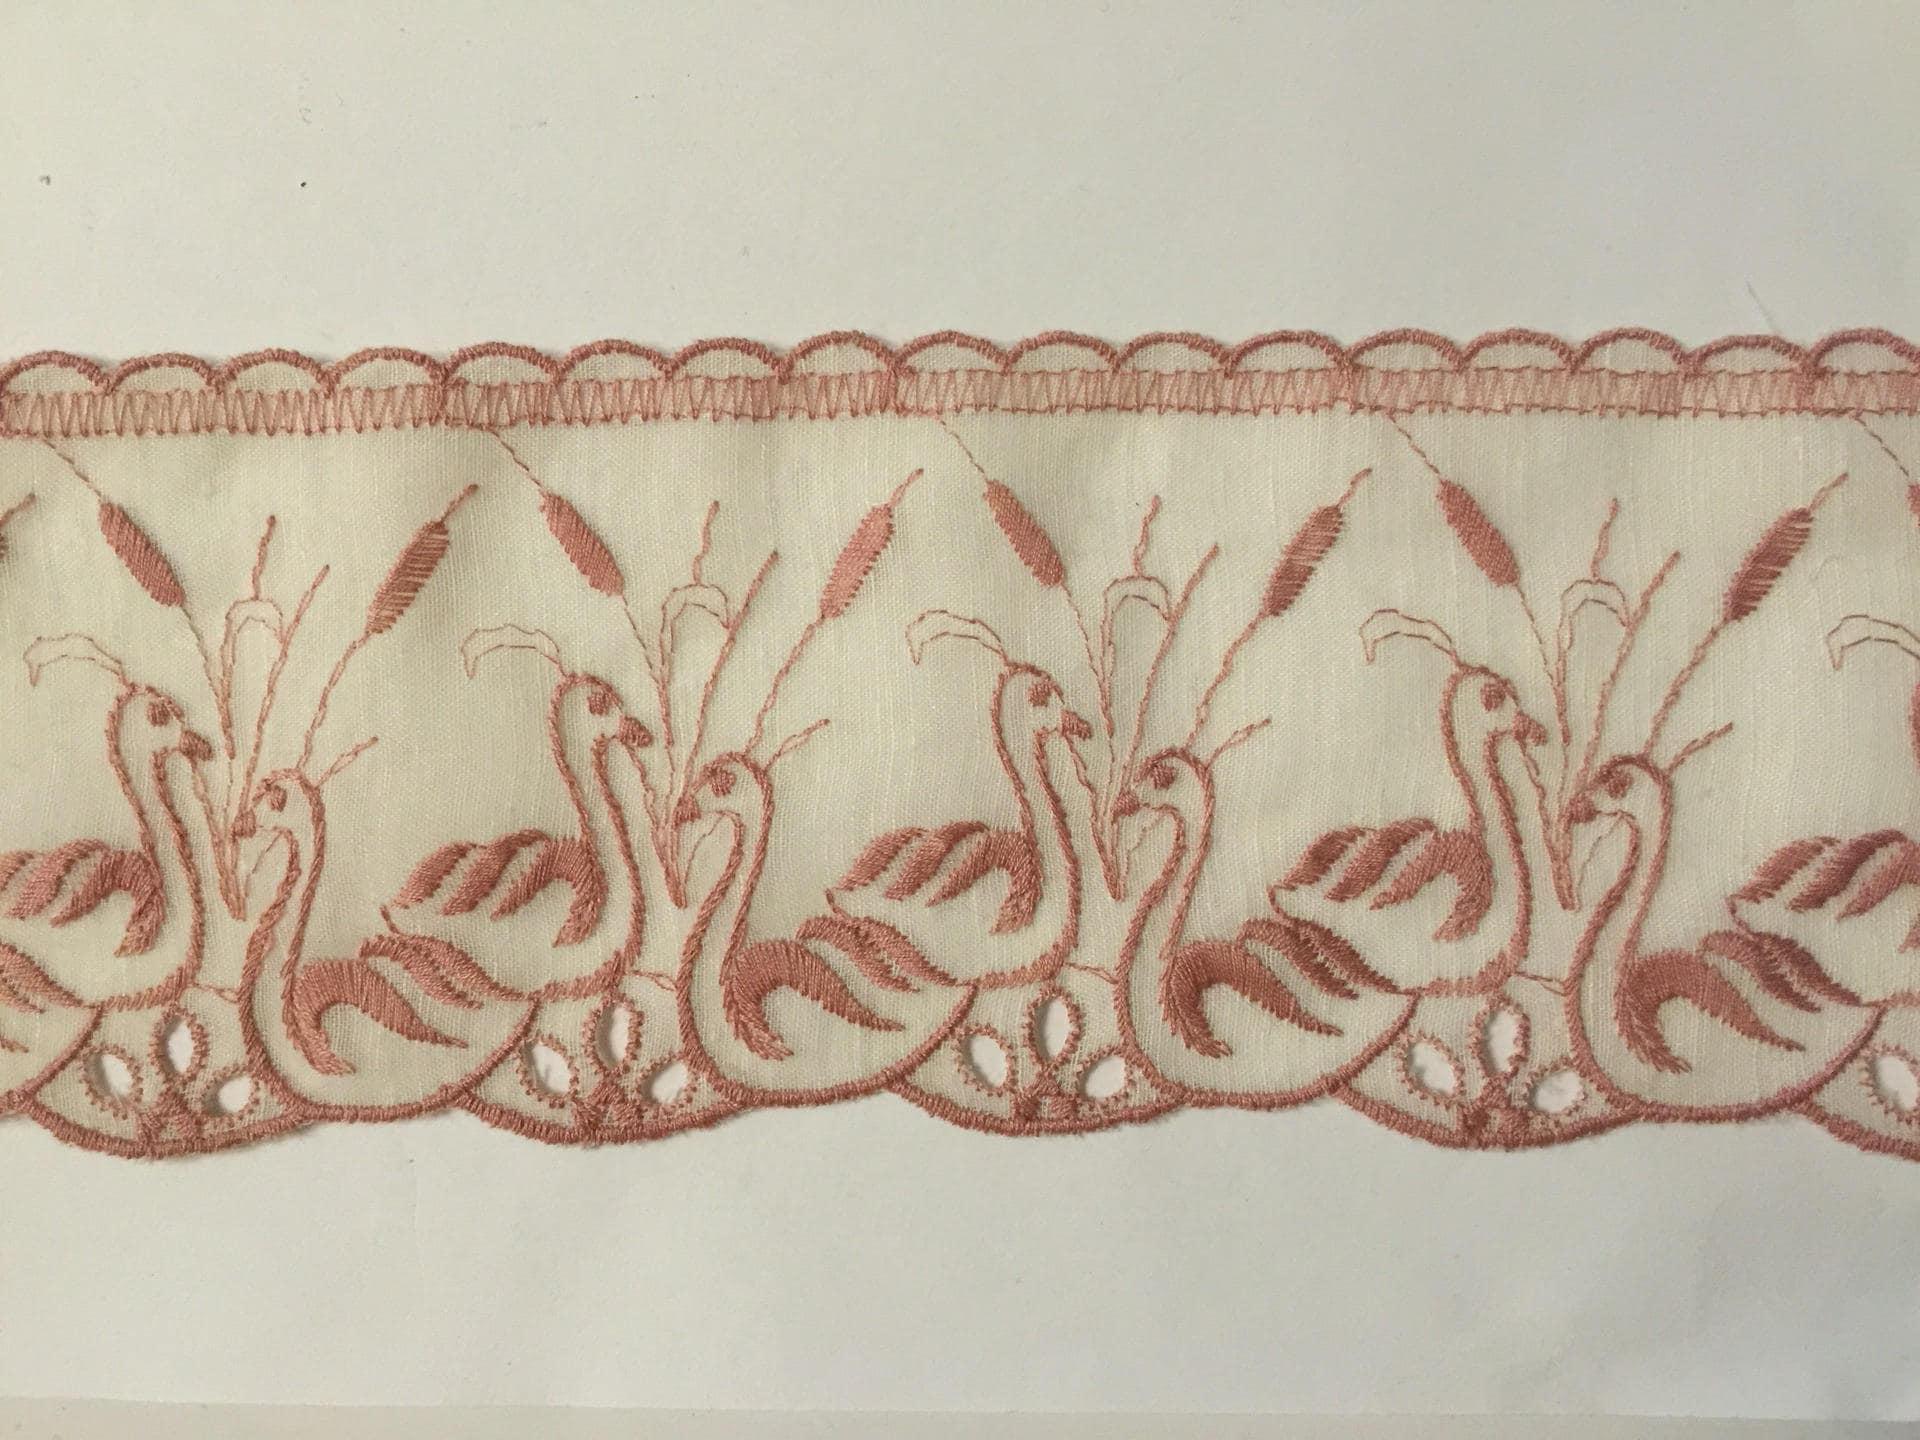 Dentelle de de Calais voile de Dentelle coton beige rebrodé vintage cygne jonc de couleur rose 512207